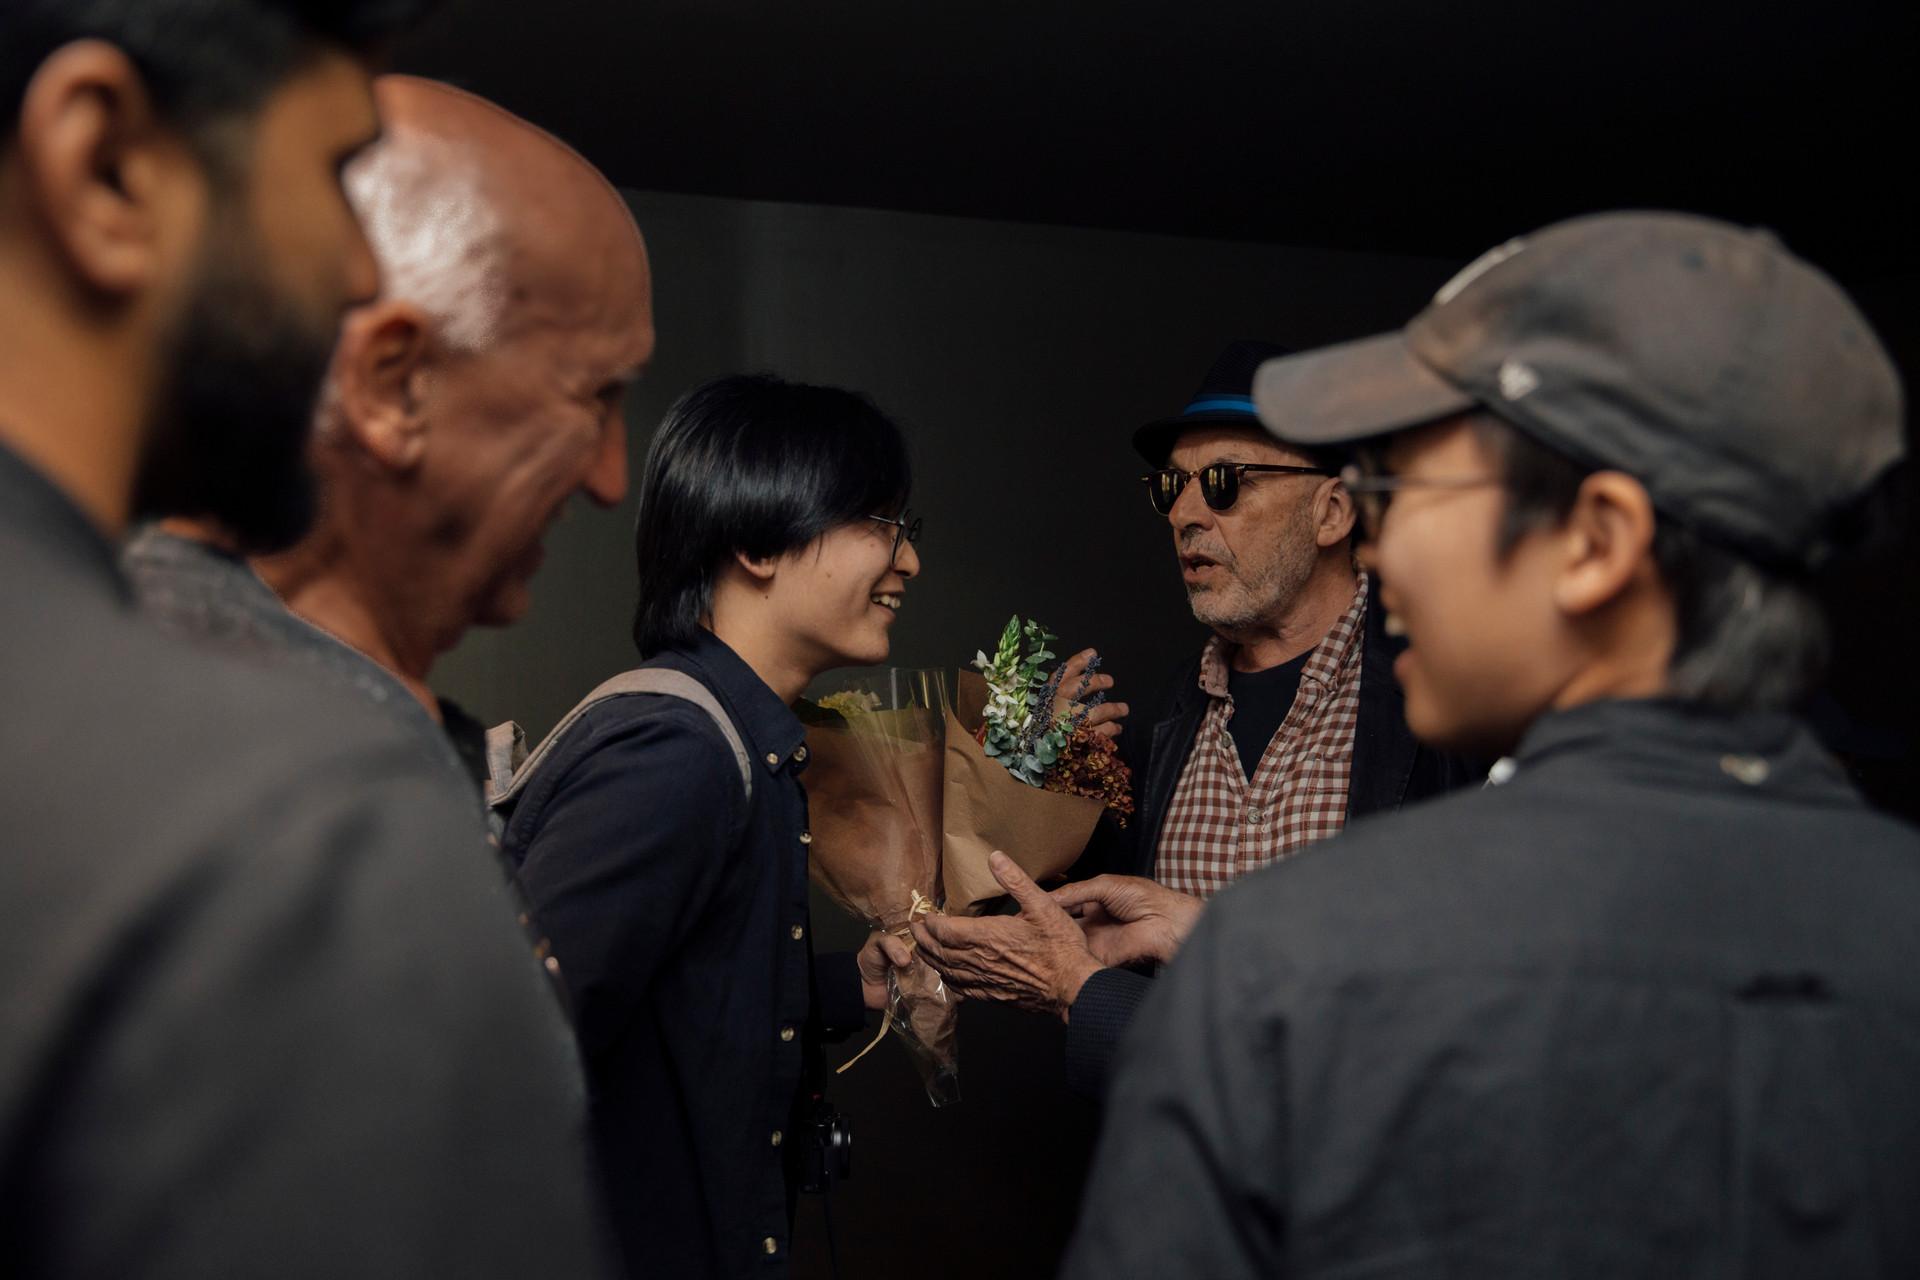 SVA MFA Photo&Video Screening 2019